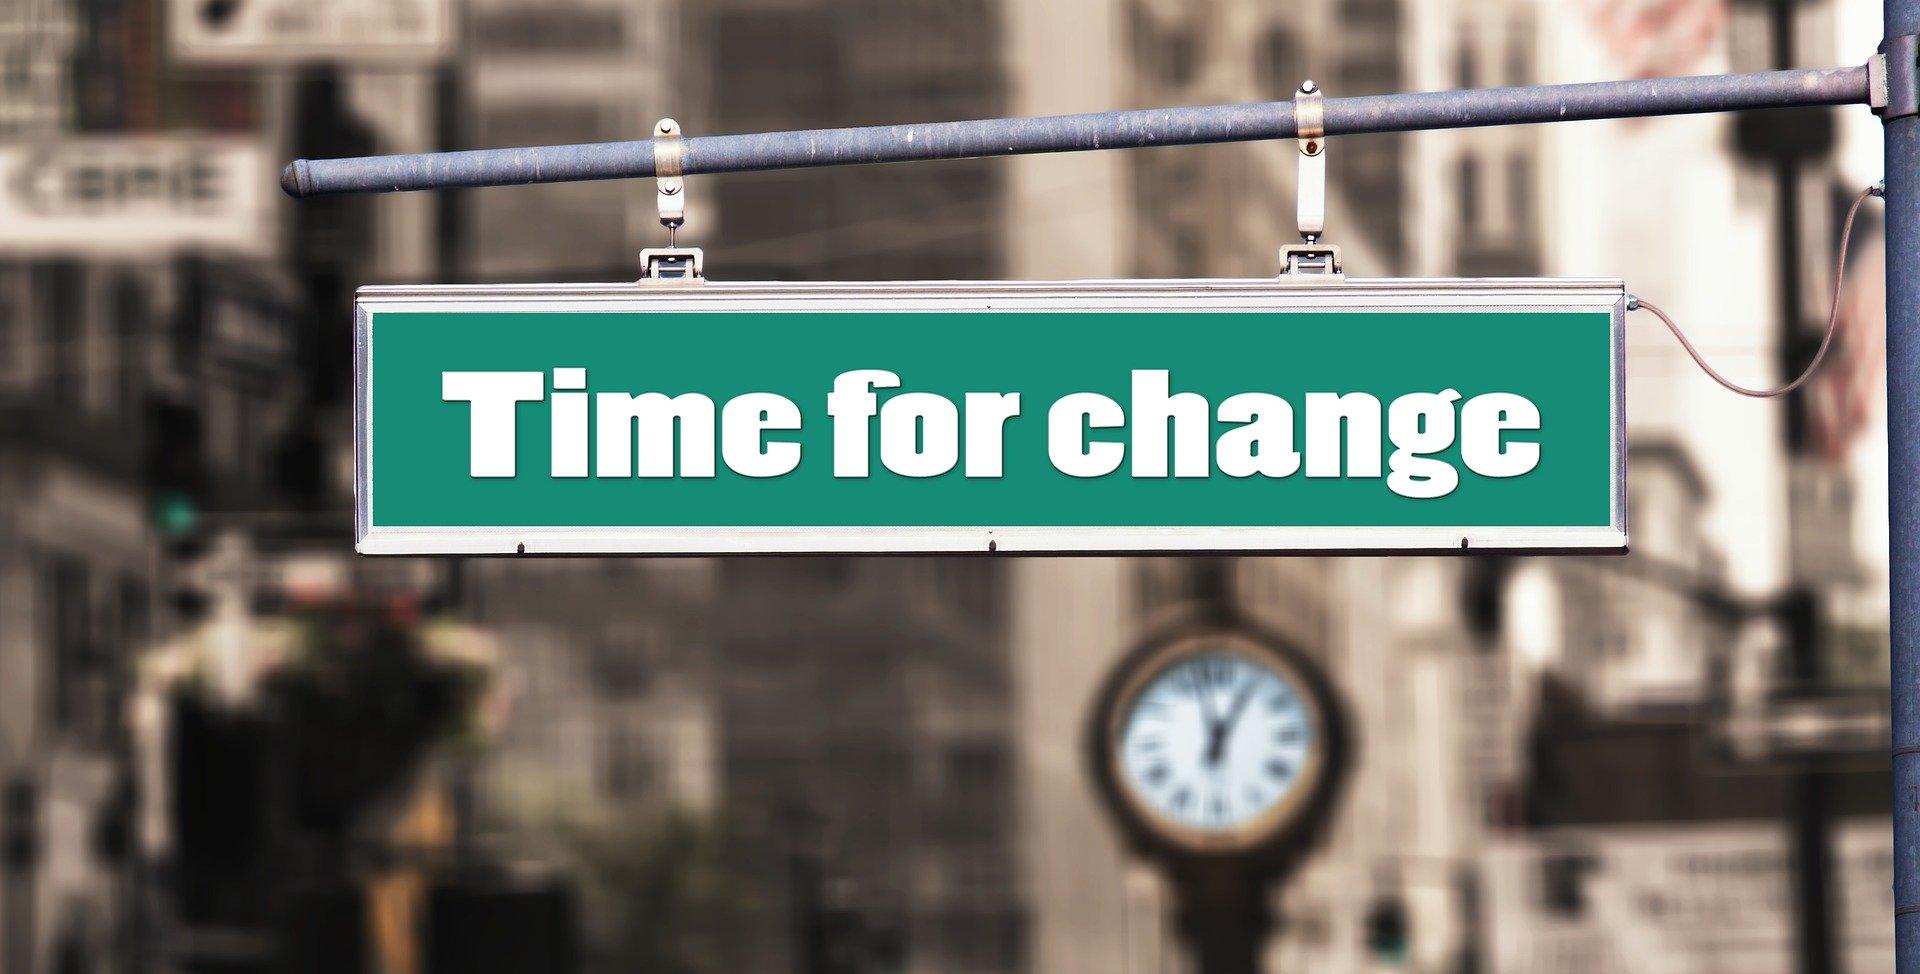 Zeit für Neues